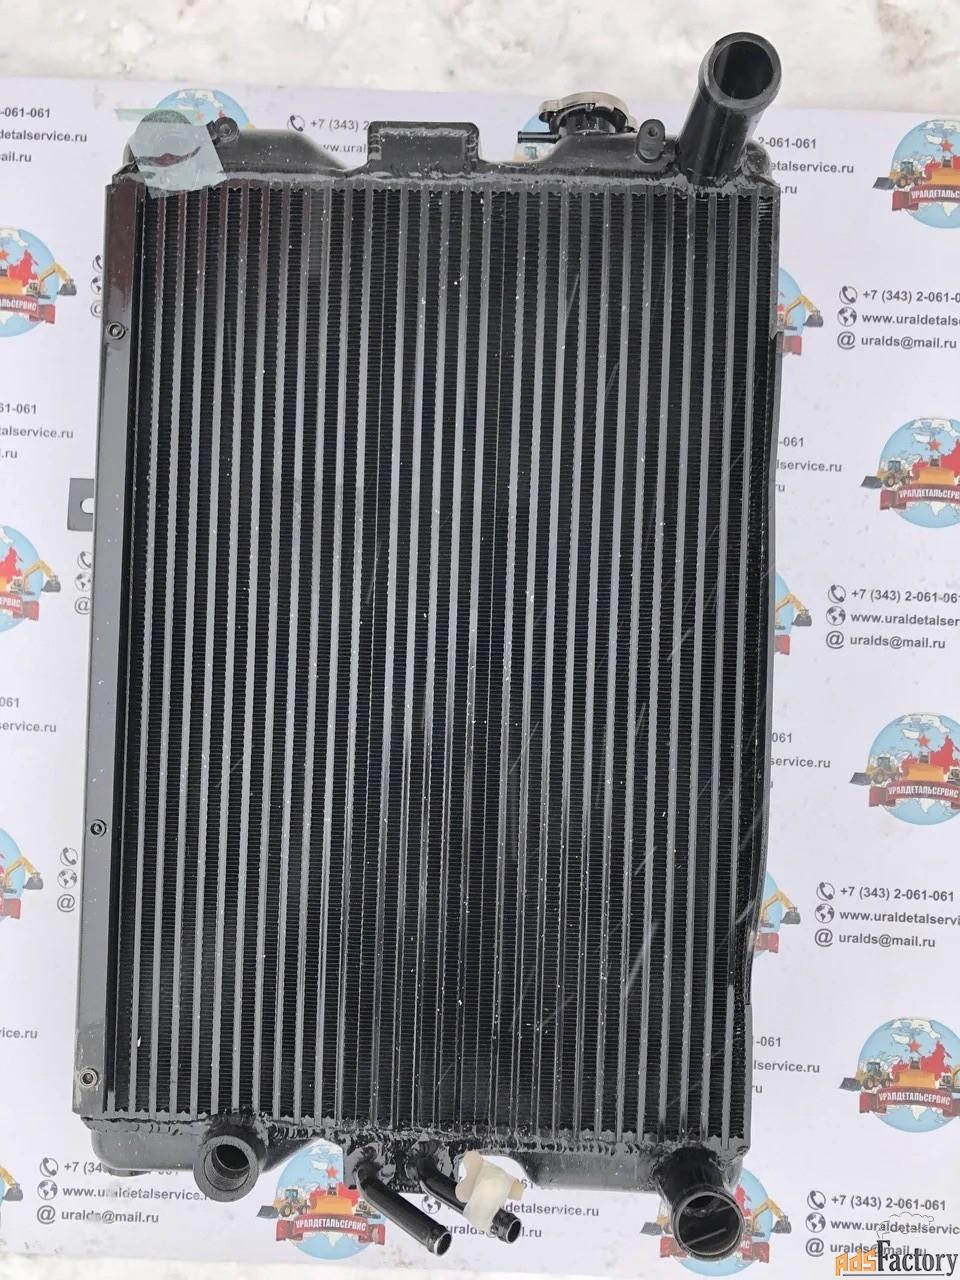 Радиатор водяной, масляный 42N-03-11780